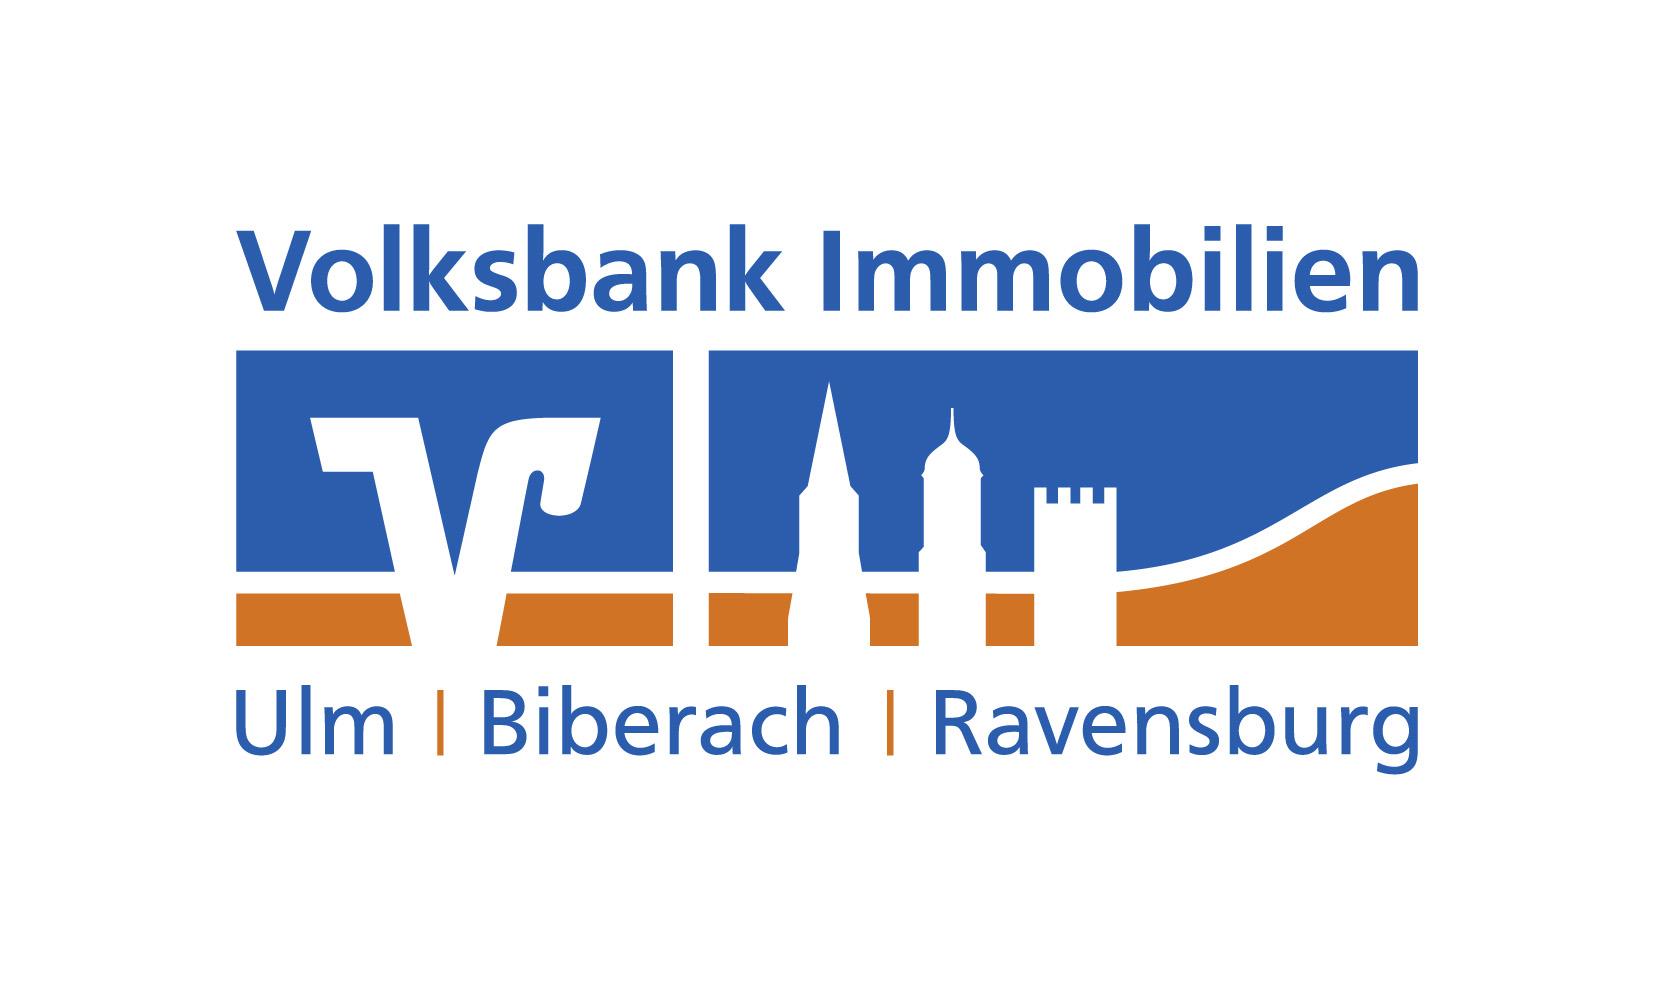 Haus kaufen in Ulm, Biberach, Ravensburg